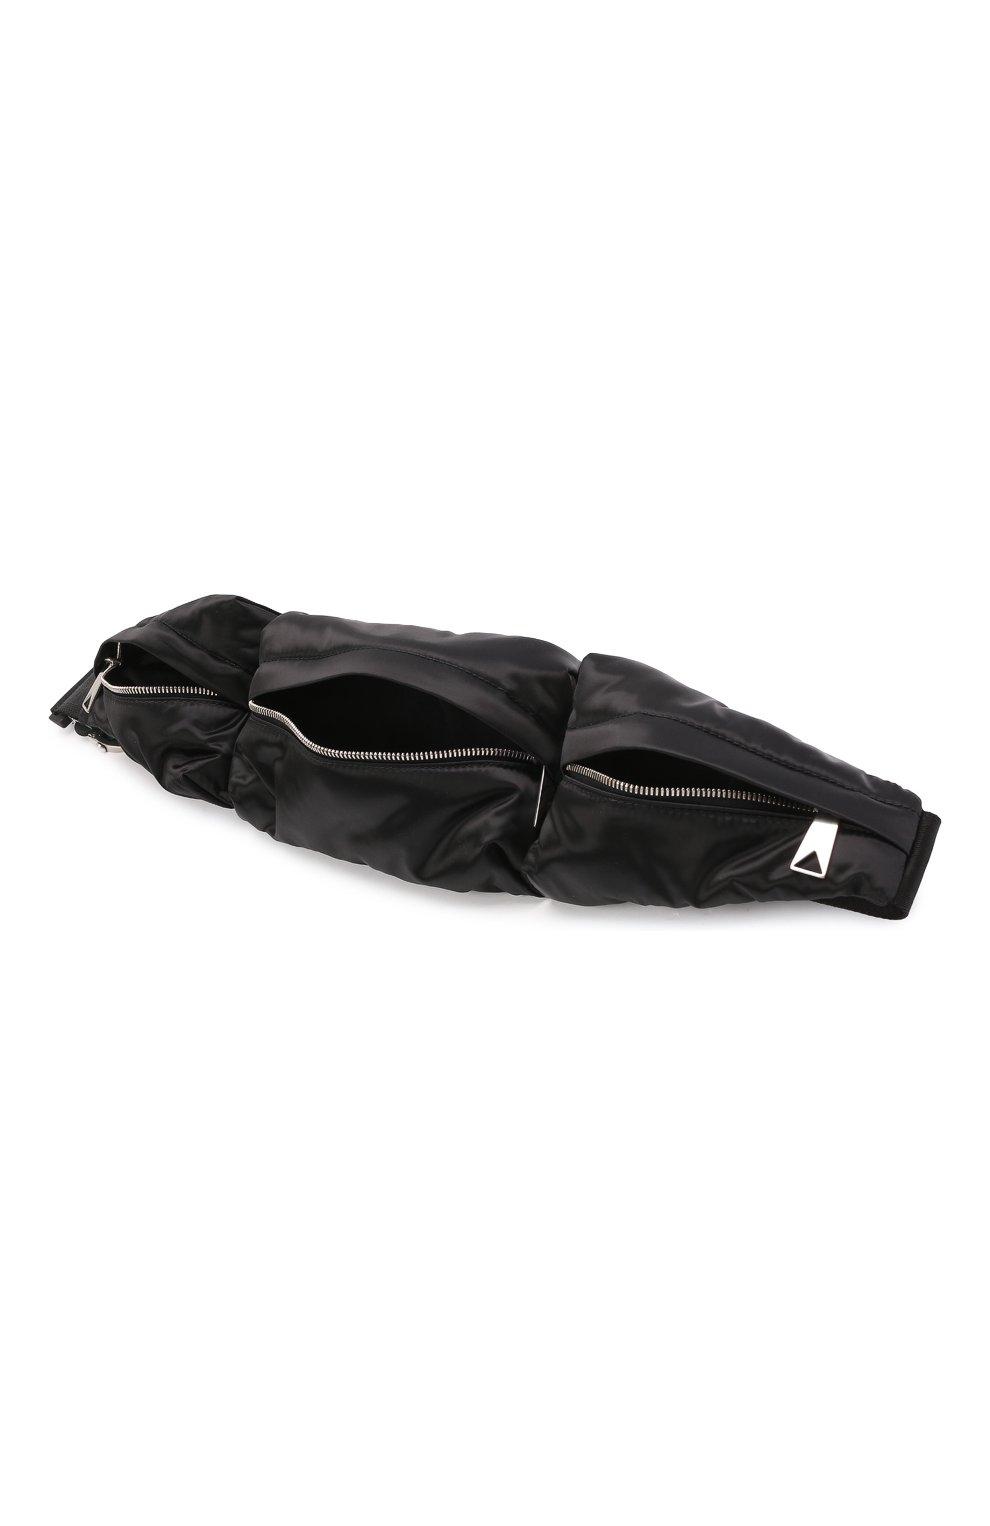 Женский комплект из сумки-шопер и поясной сумки BOTTEGA VENETA черного цвета, арт. 658755/V00R1 | Фото 8 (Сумки-технические: Сумки-шопперы; Материал: Текстиль; Размер: large)